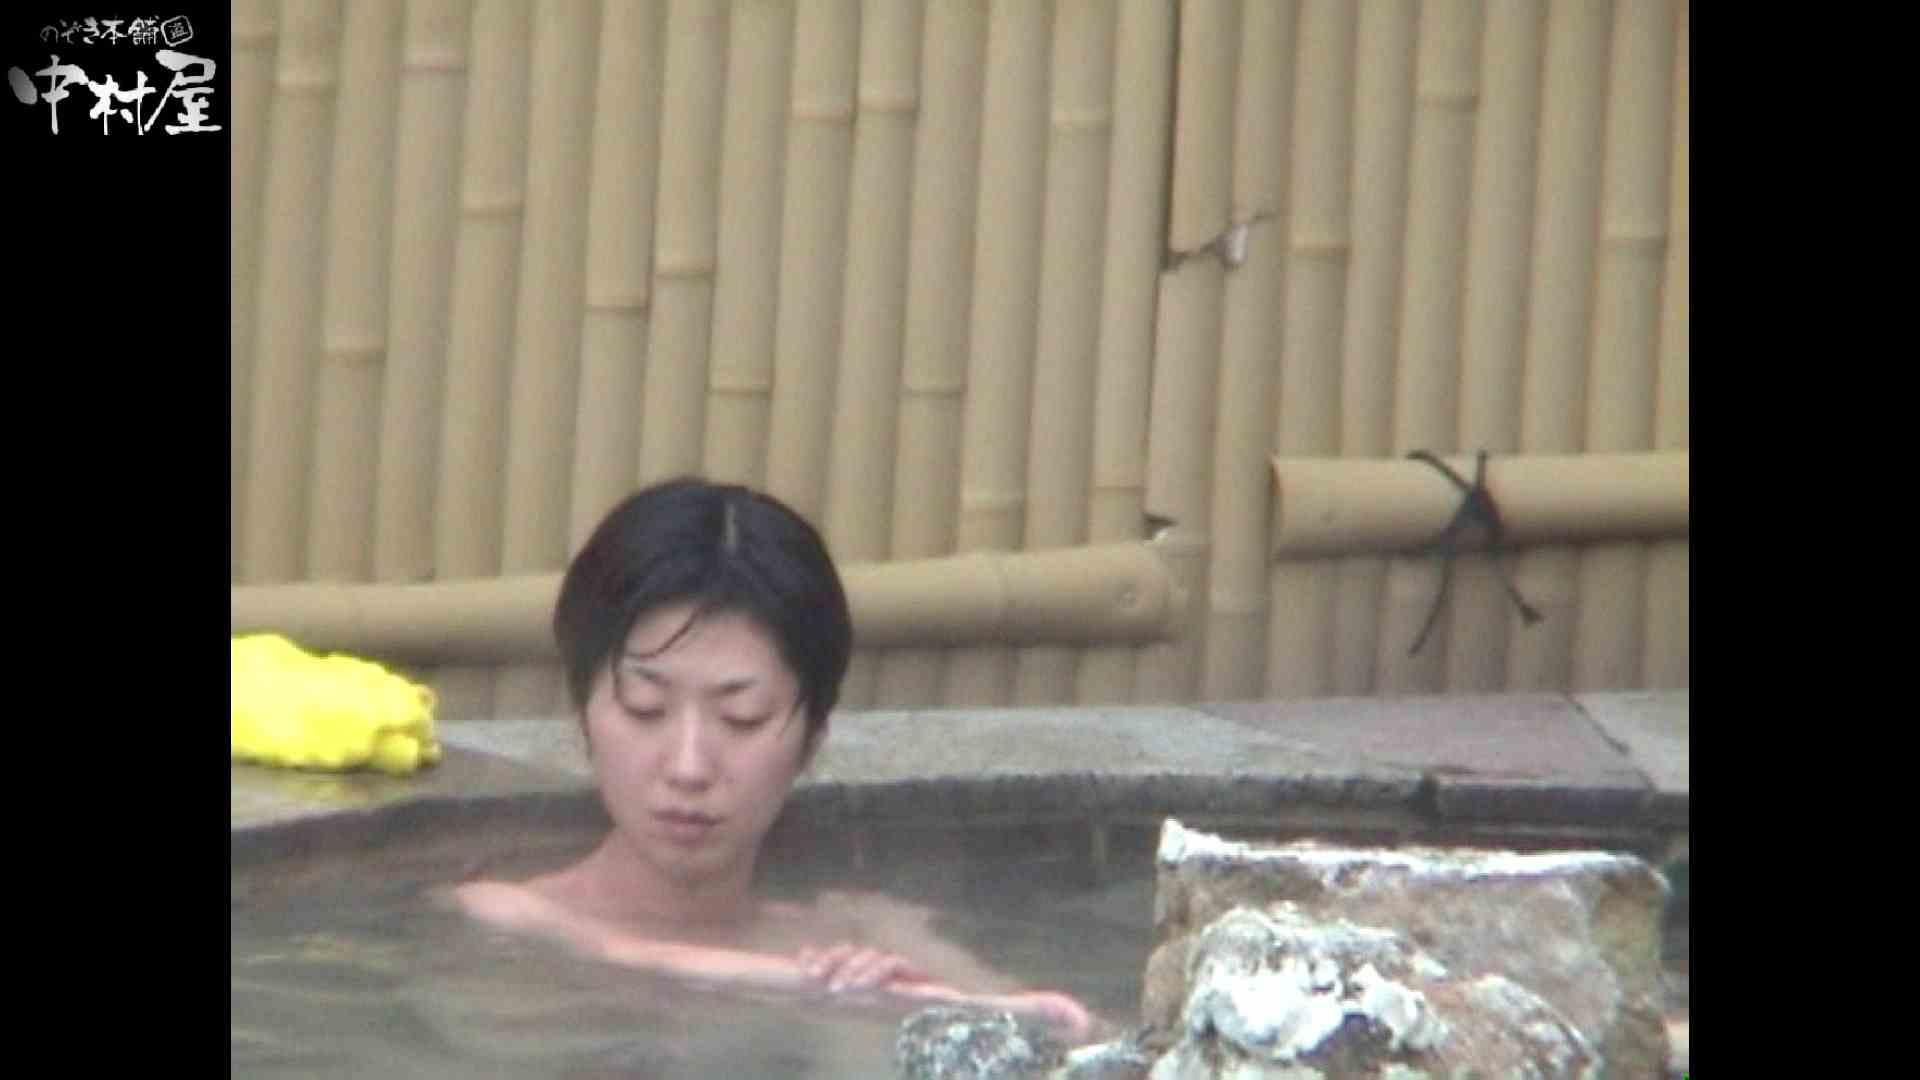 Aquaな露天風呂Vol.921 盗撮特集 | 露天  93画像 43